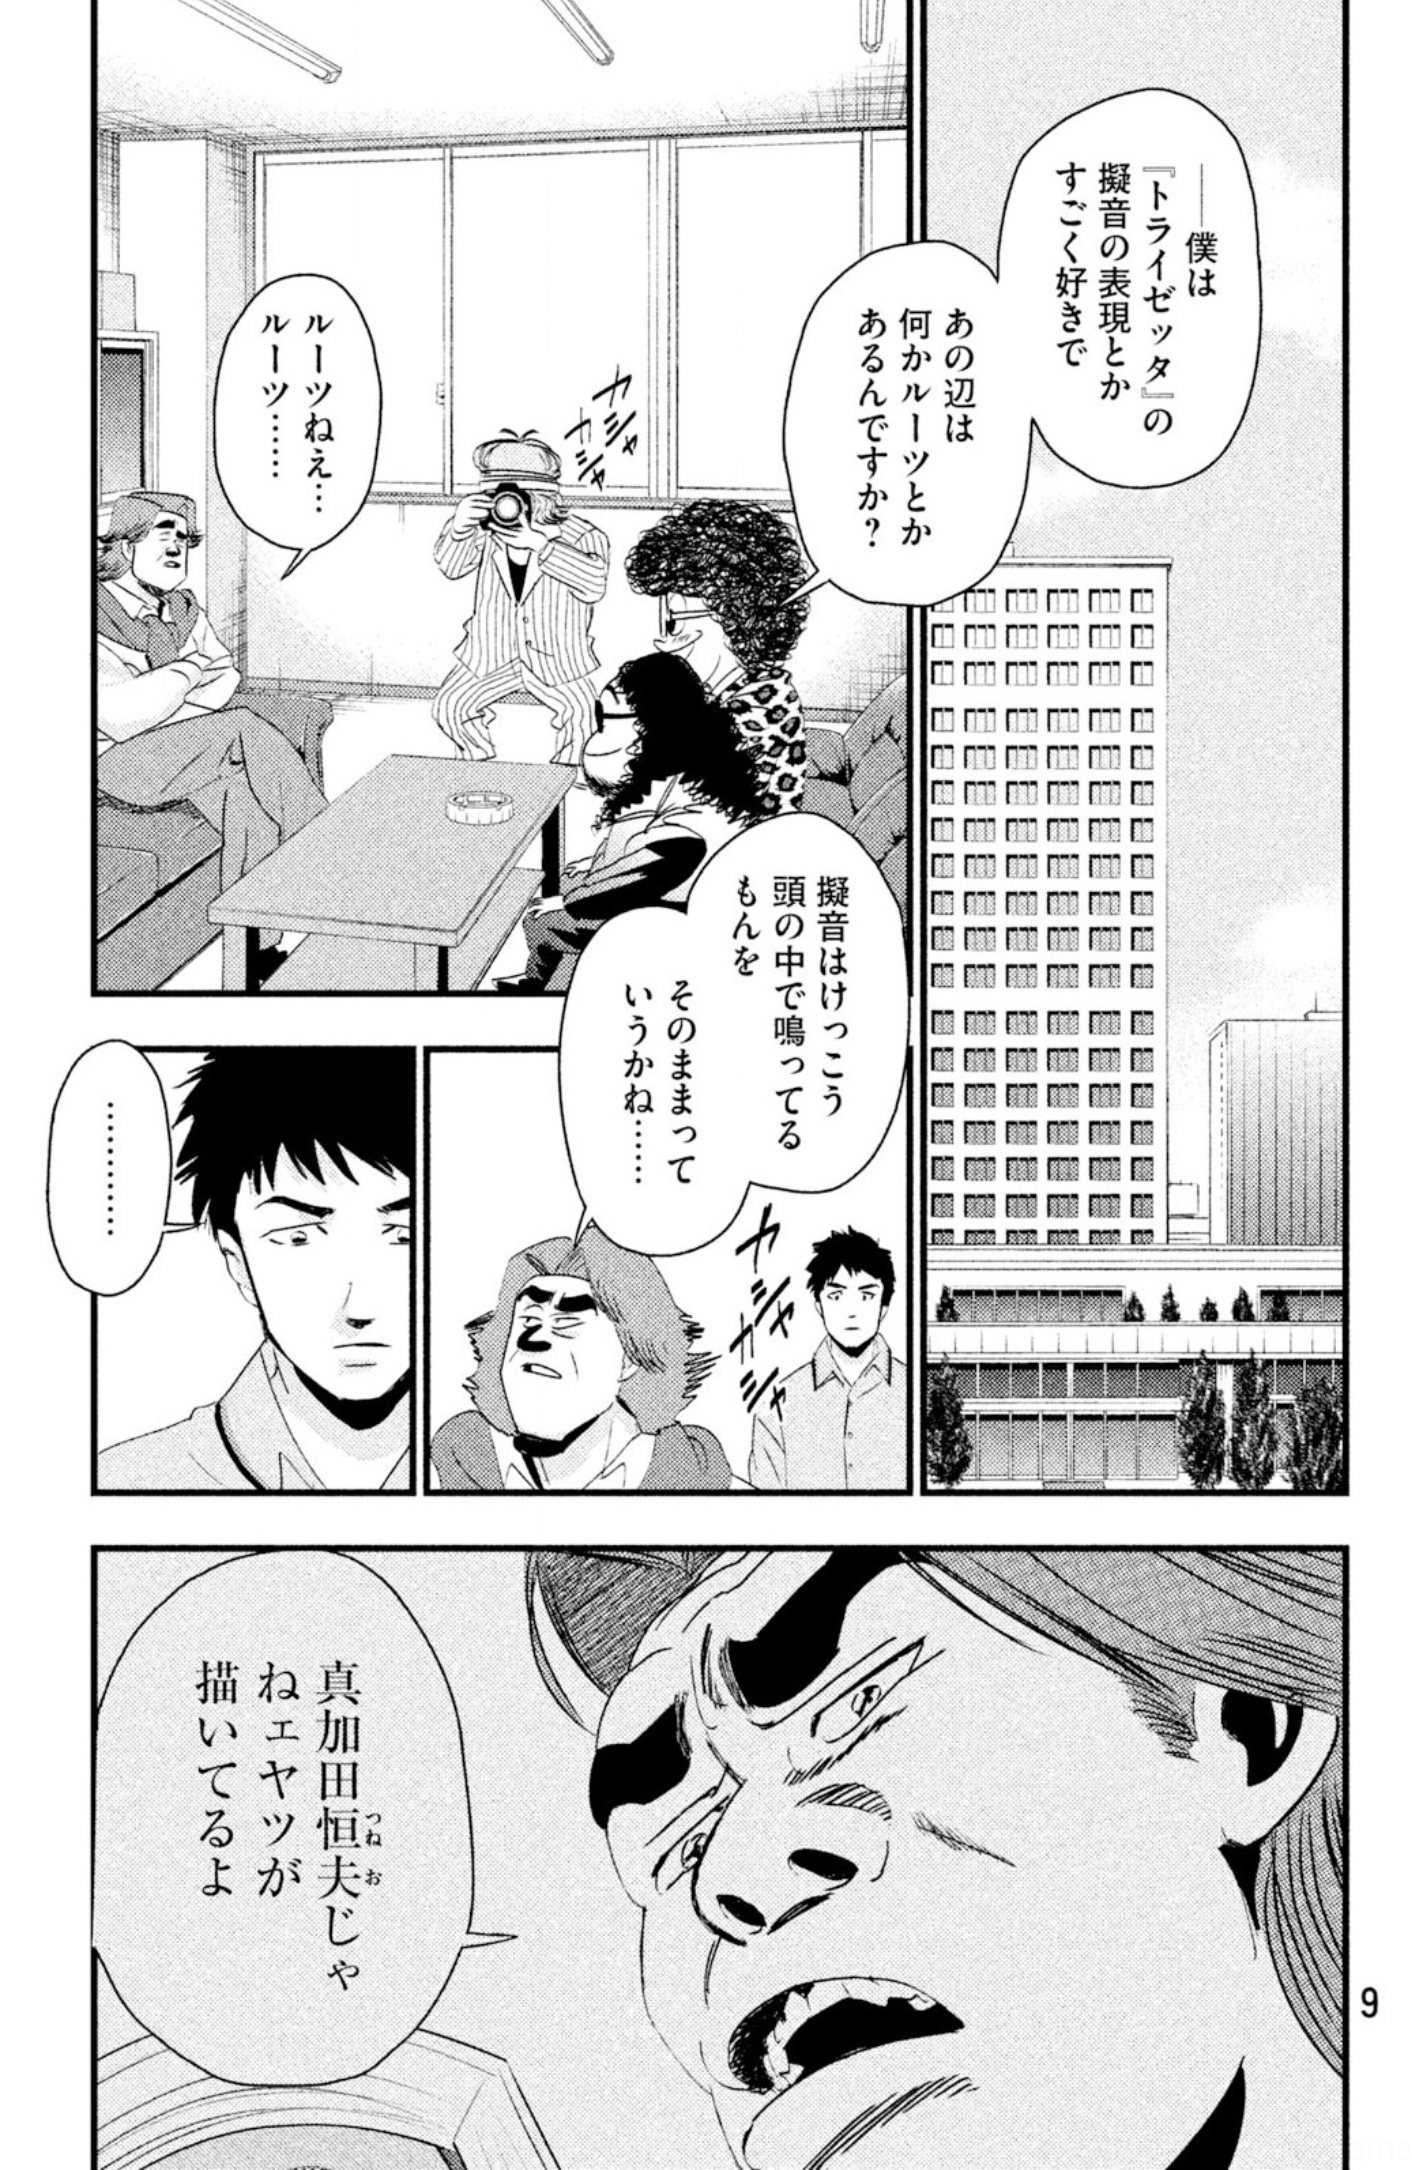 漫画『ミリオンジョー』3巻の見所をネタバレ紹介!